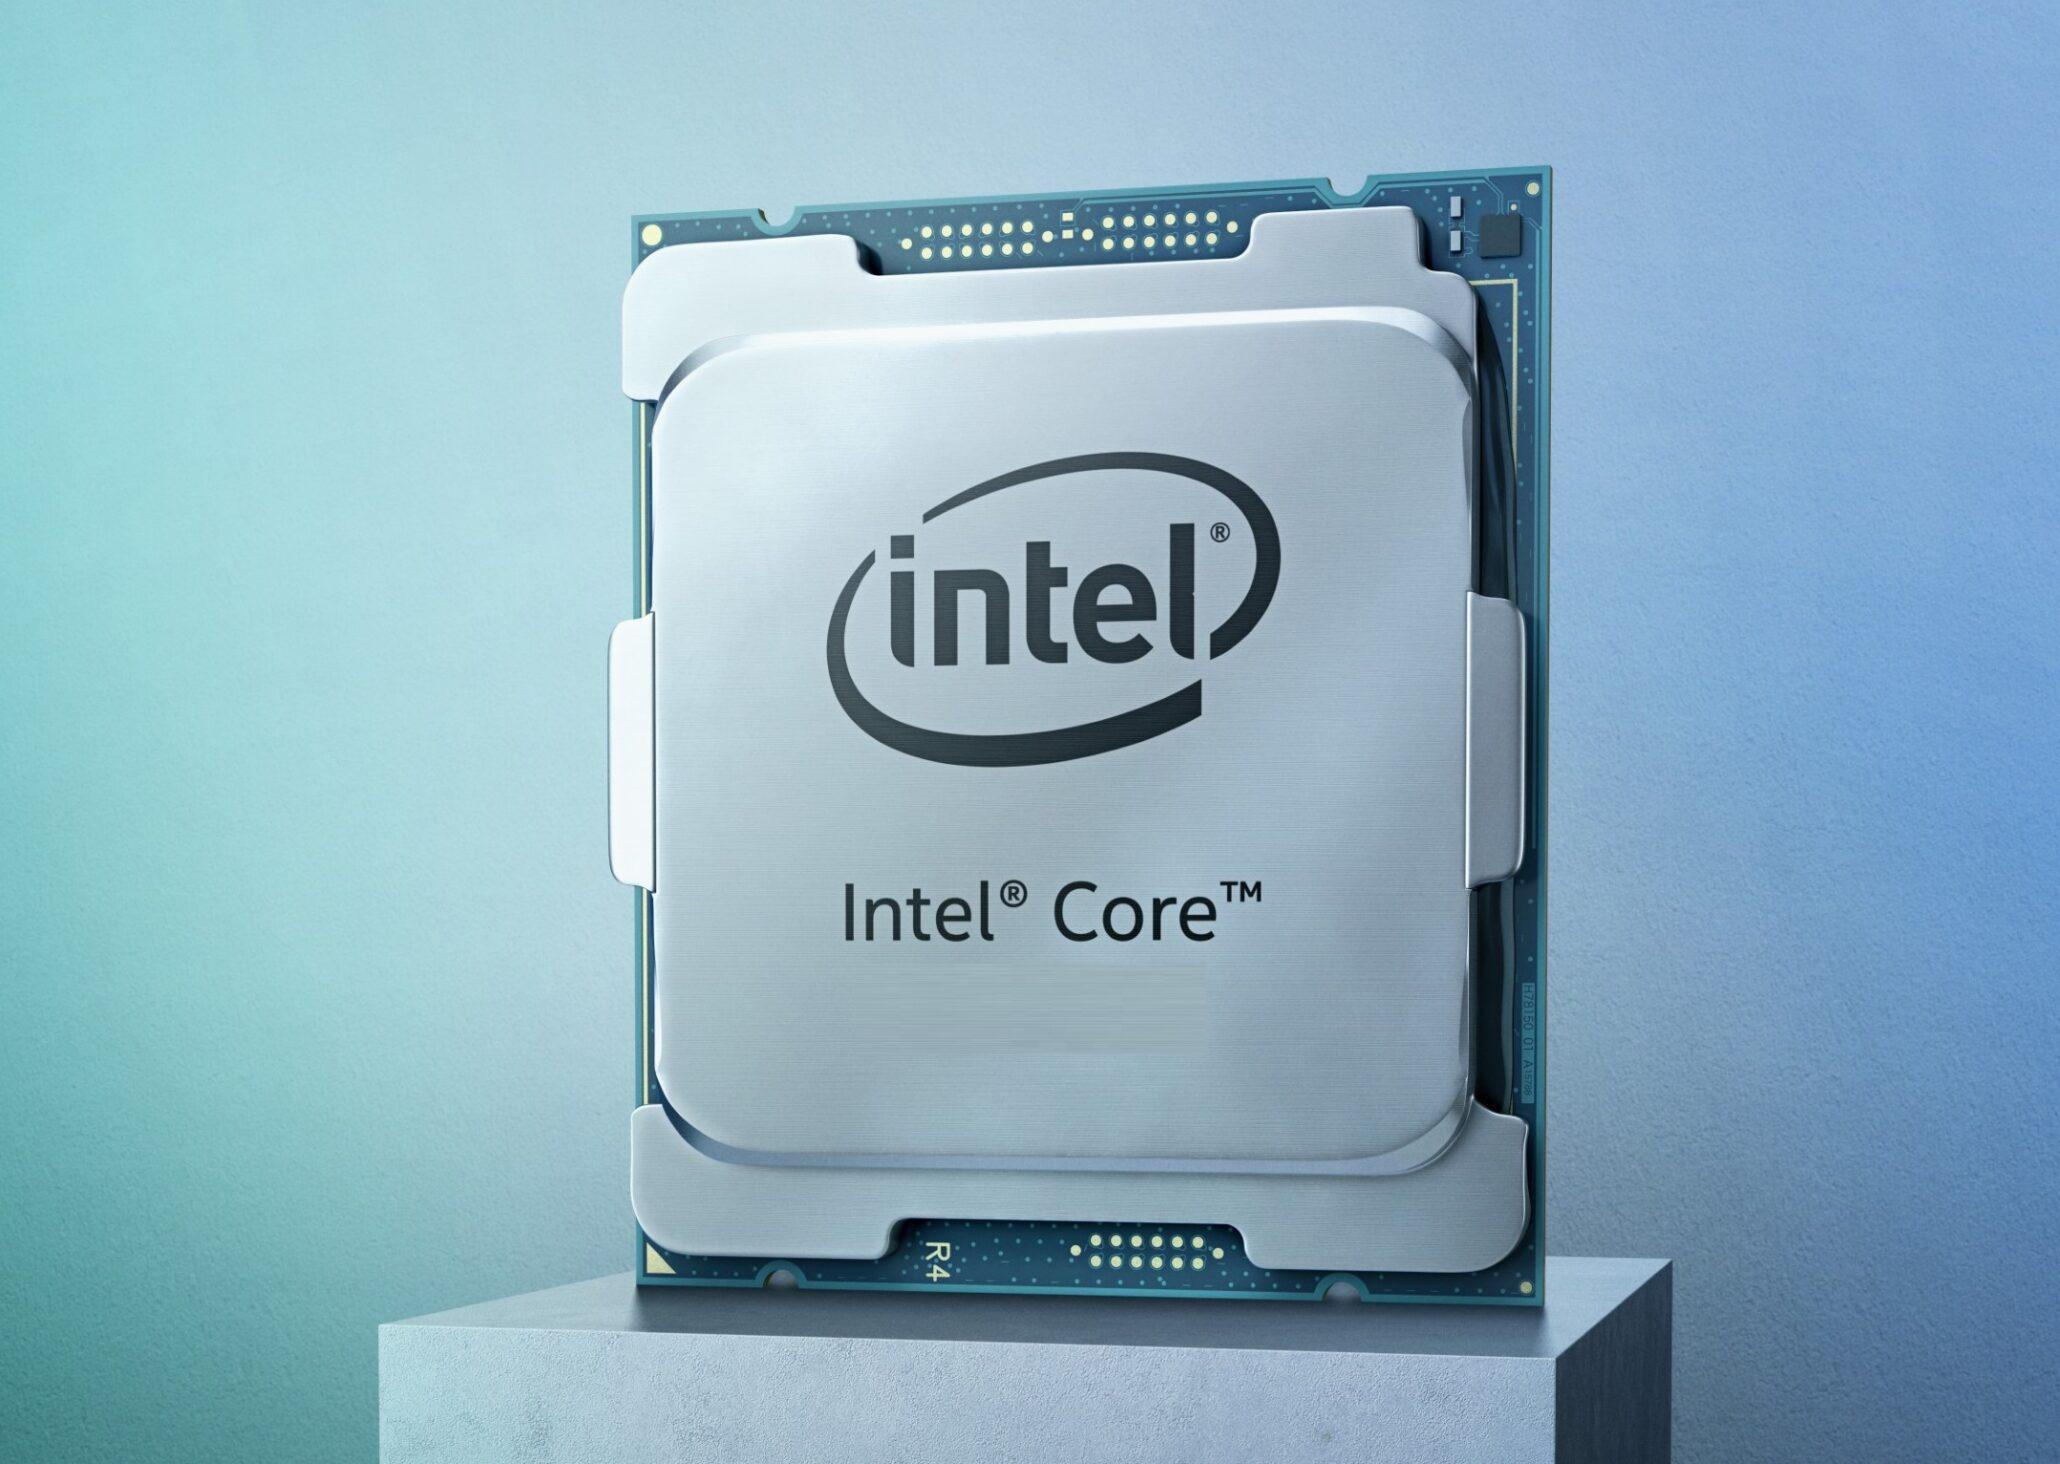 Процессор Intel Alder Lake-S ES с памятью DDR5-4800 был протестирован в DOTA 2